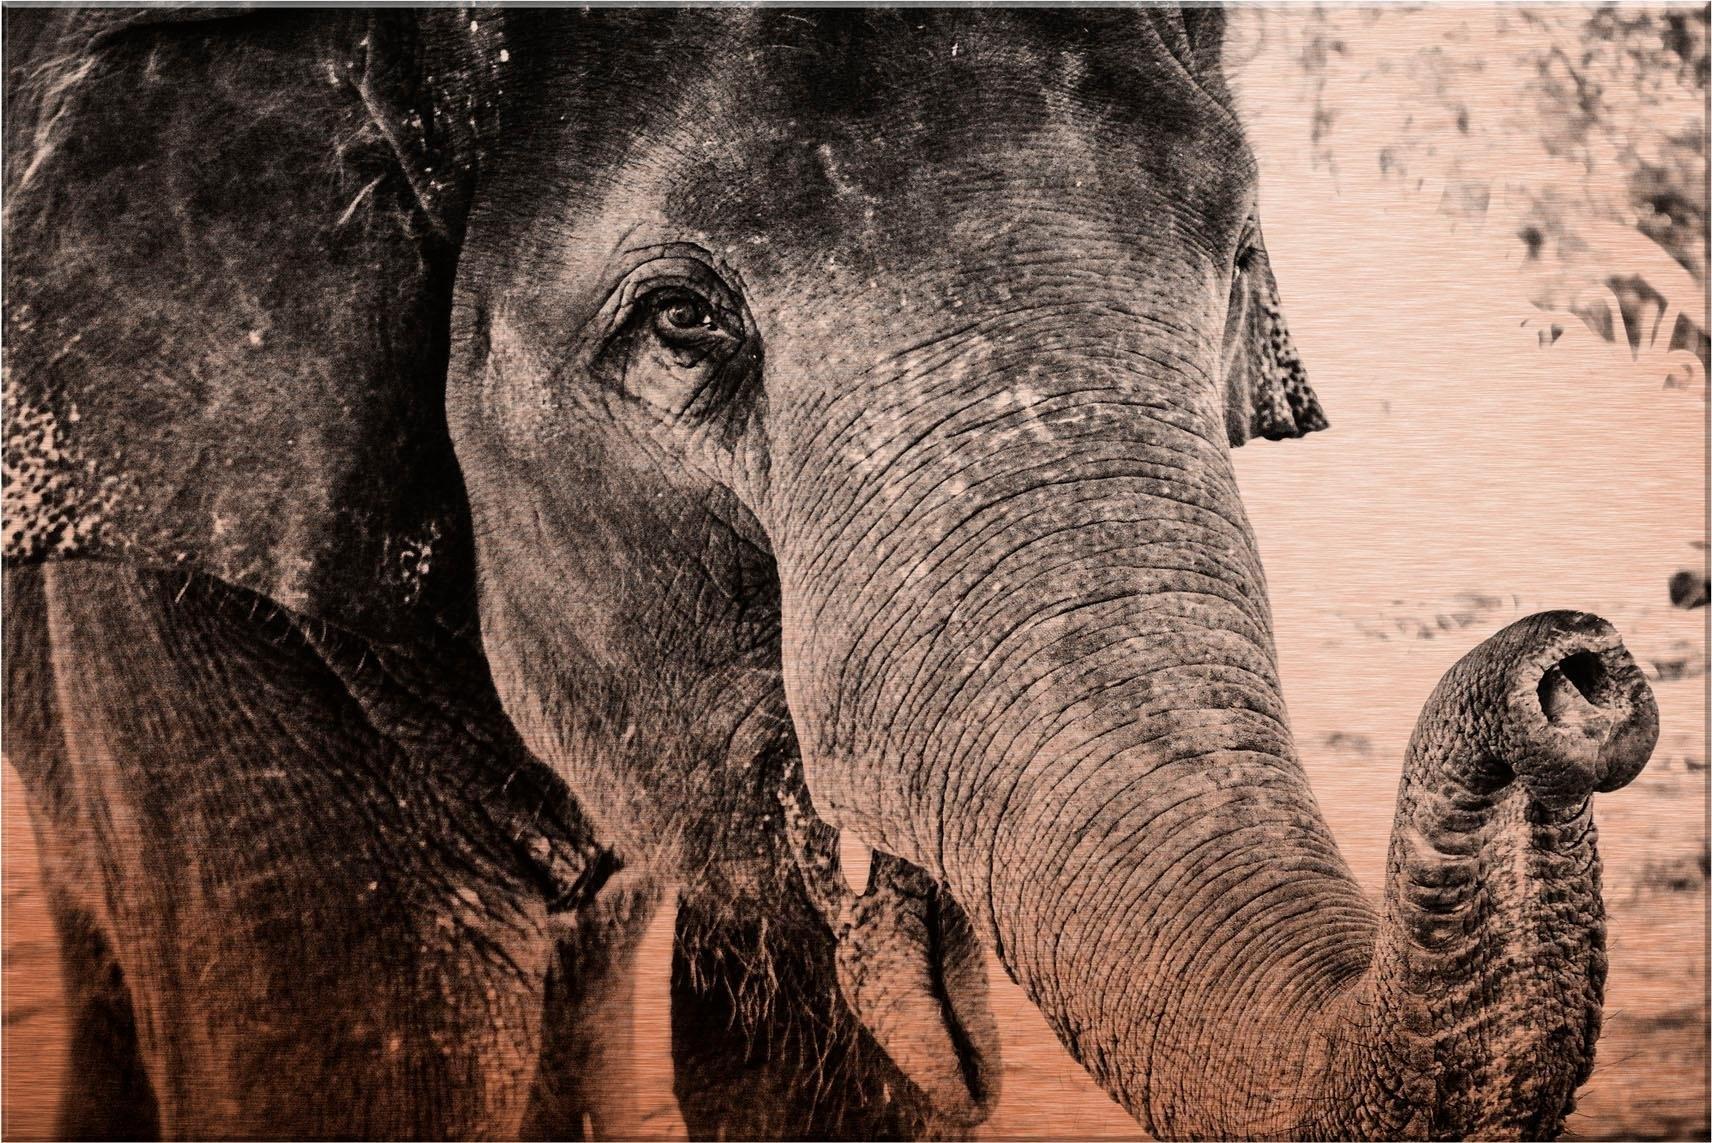 Wall-Art aluminium-dibondprint Indian Elephant 60/40 cm - verschillende betaalmethodes